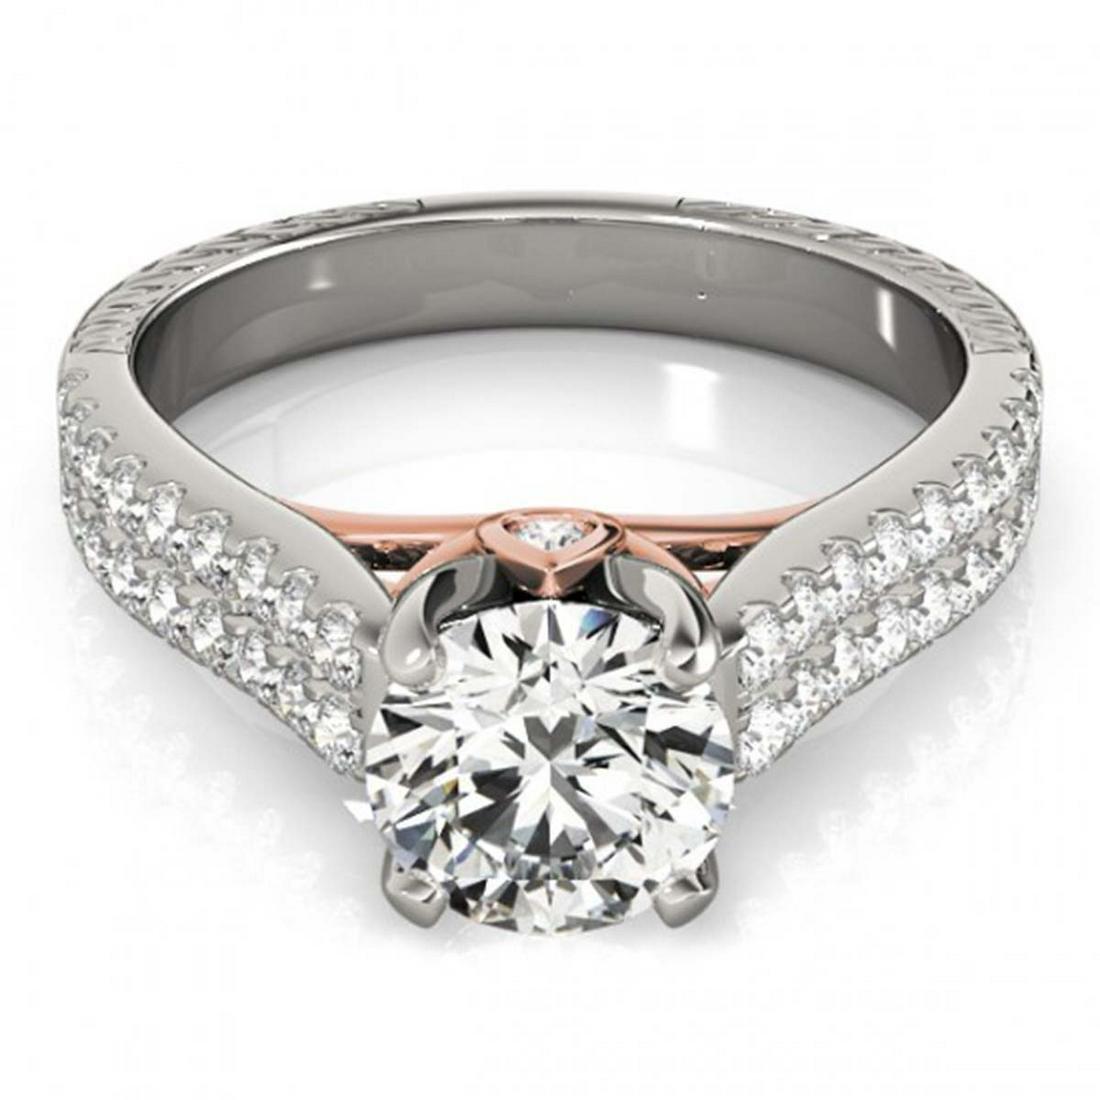 2.11 ctw VS/SI Diamond Ring 14K White & Rose Gold -